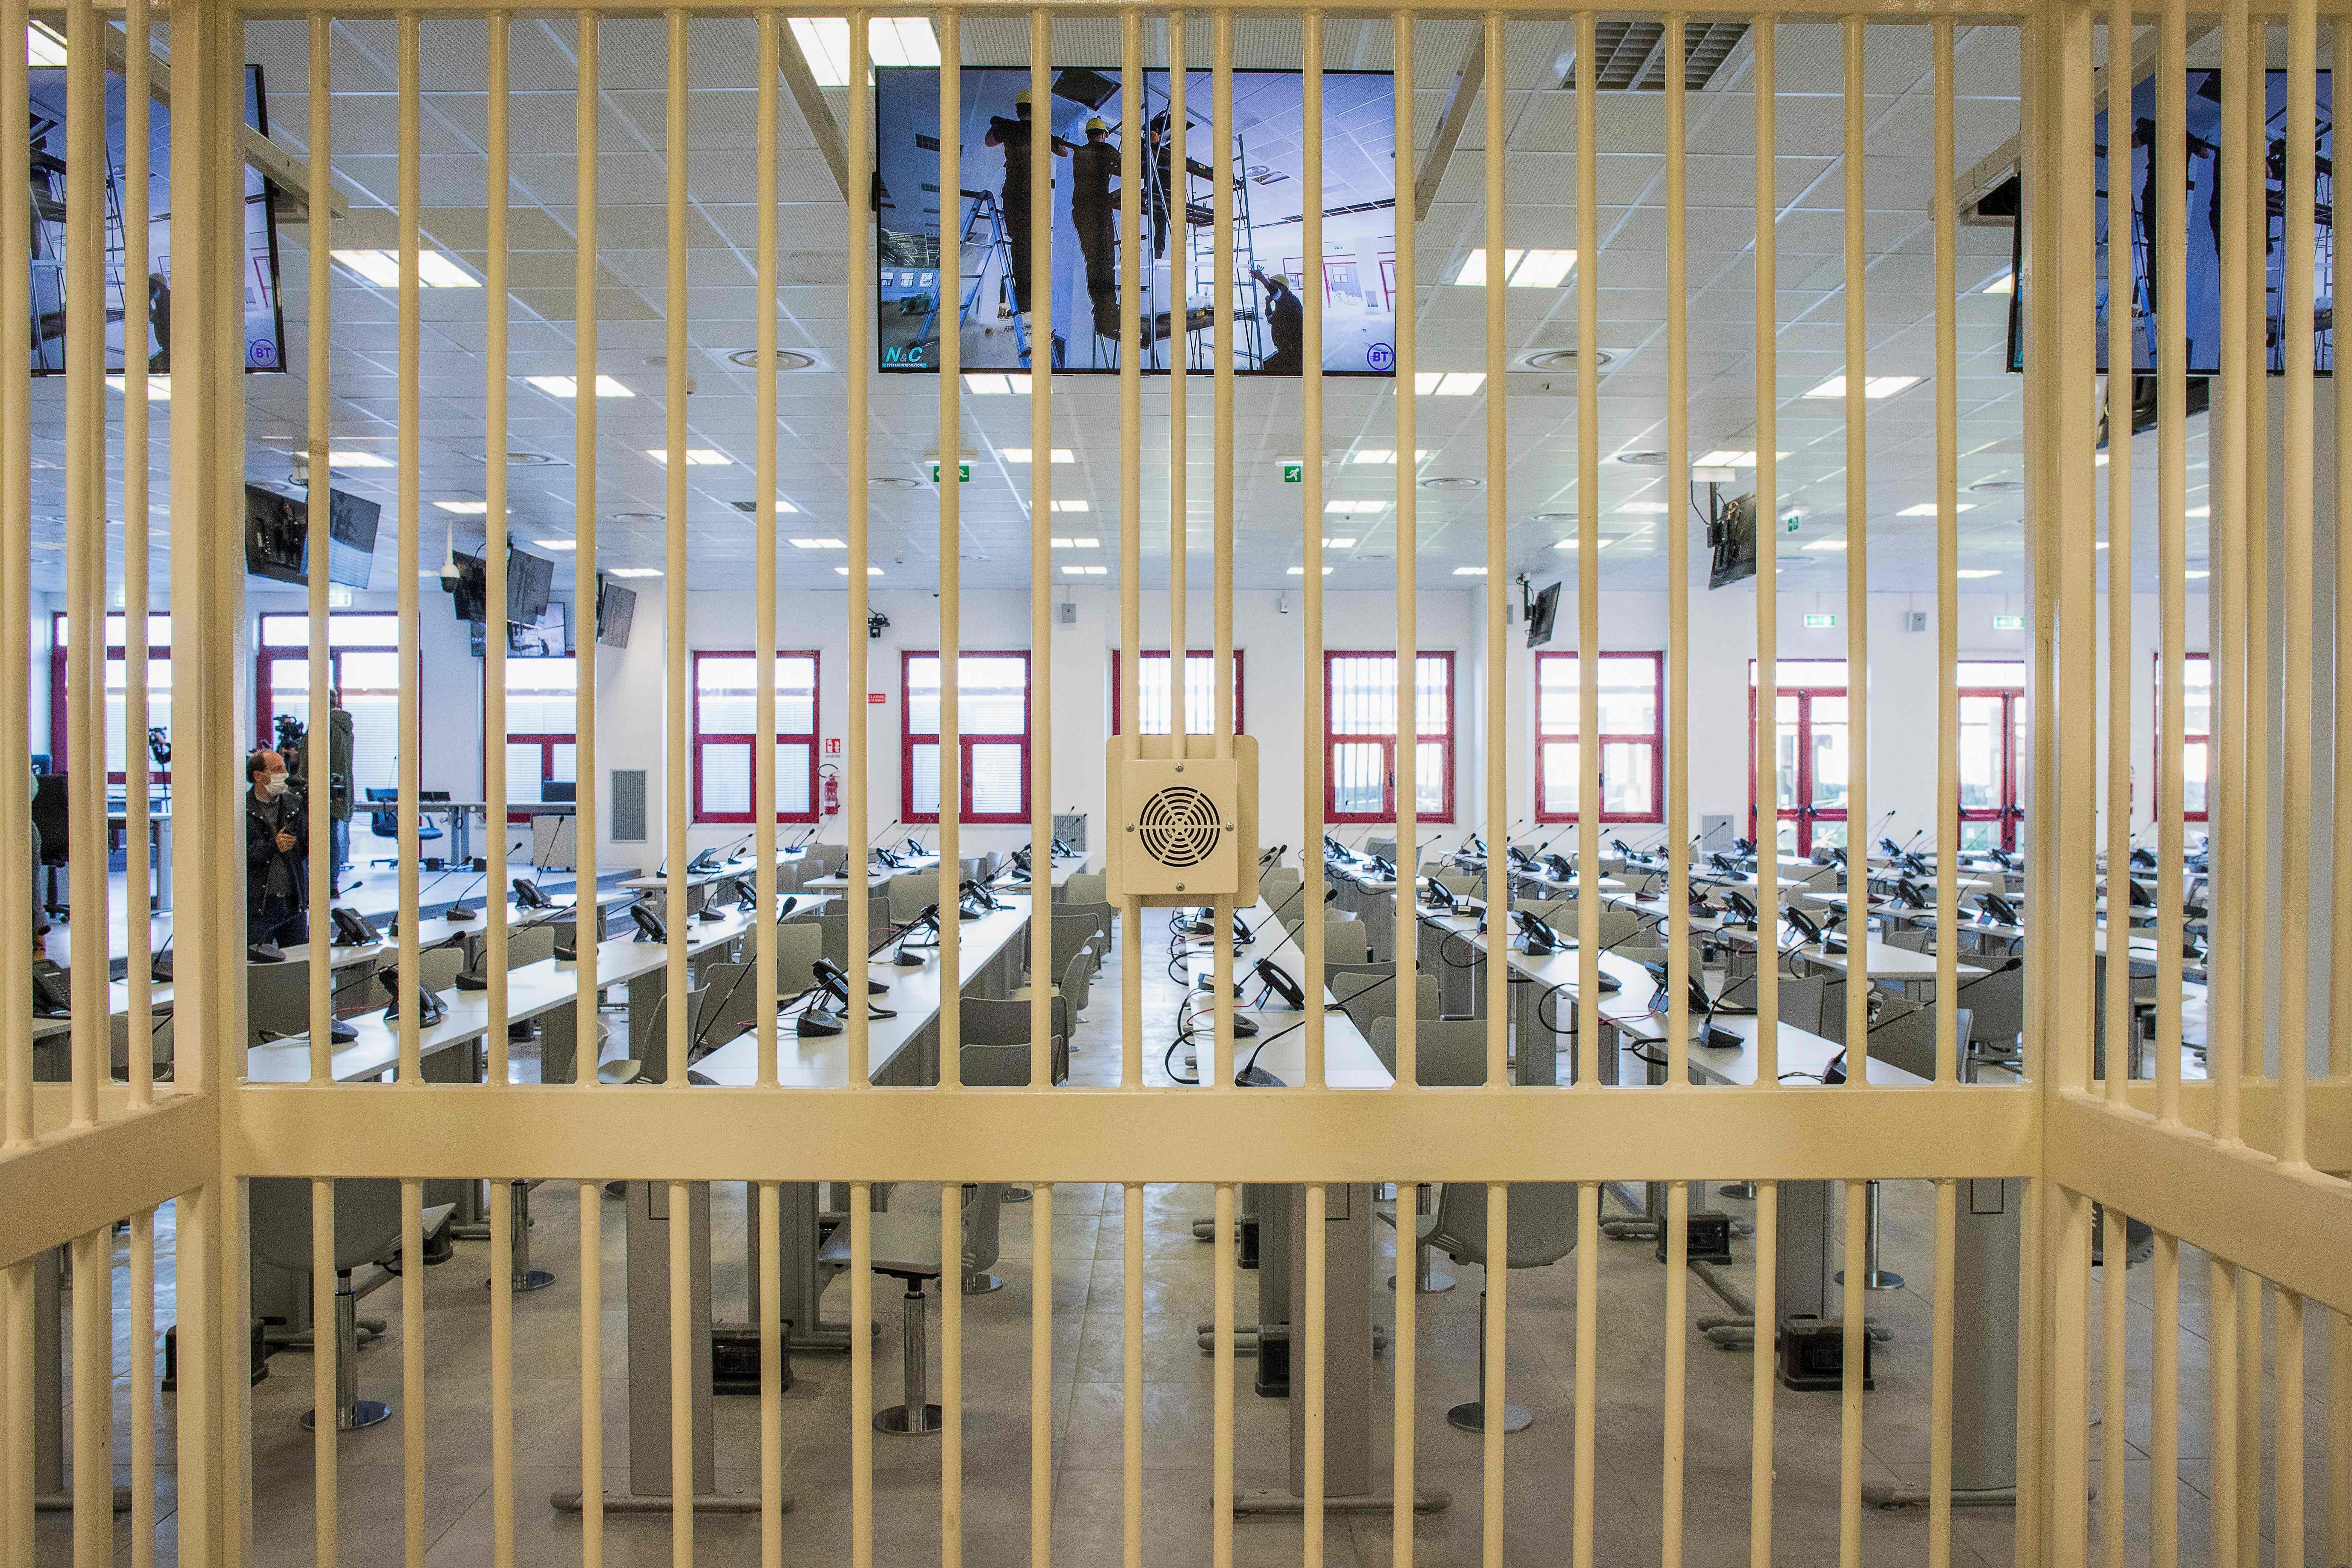 Pemandangan dari dalam sel. Foto: Gianluca Chininea/AFP via Getty Images.